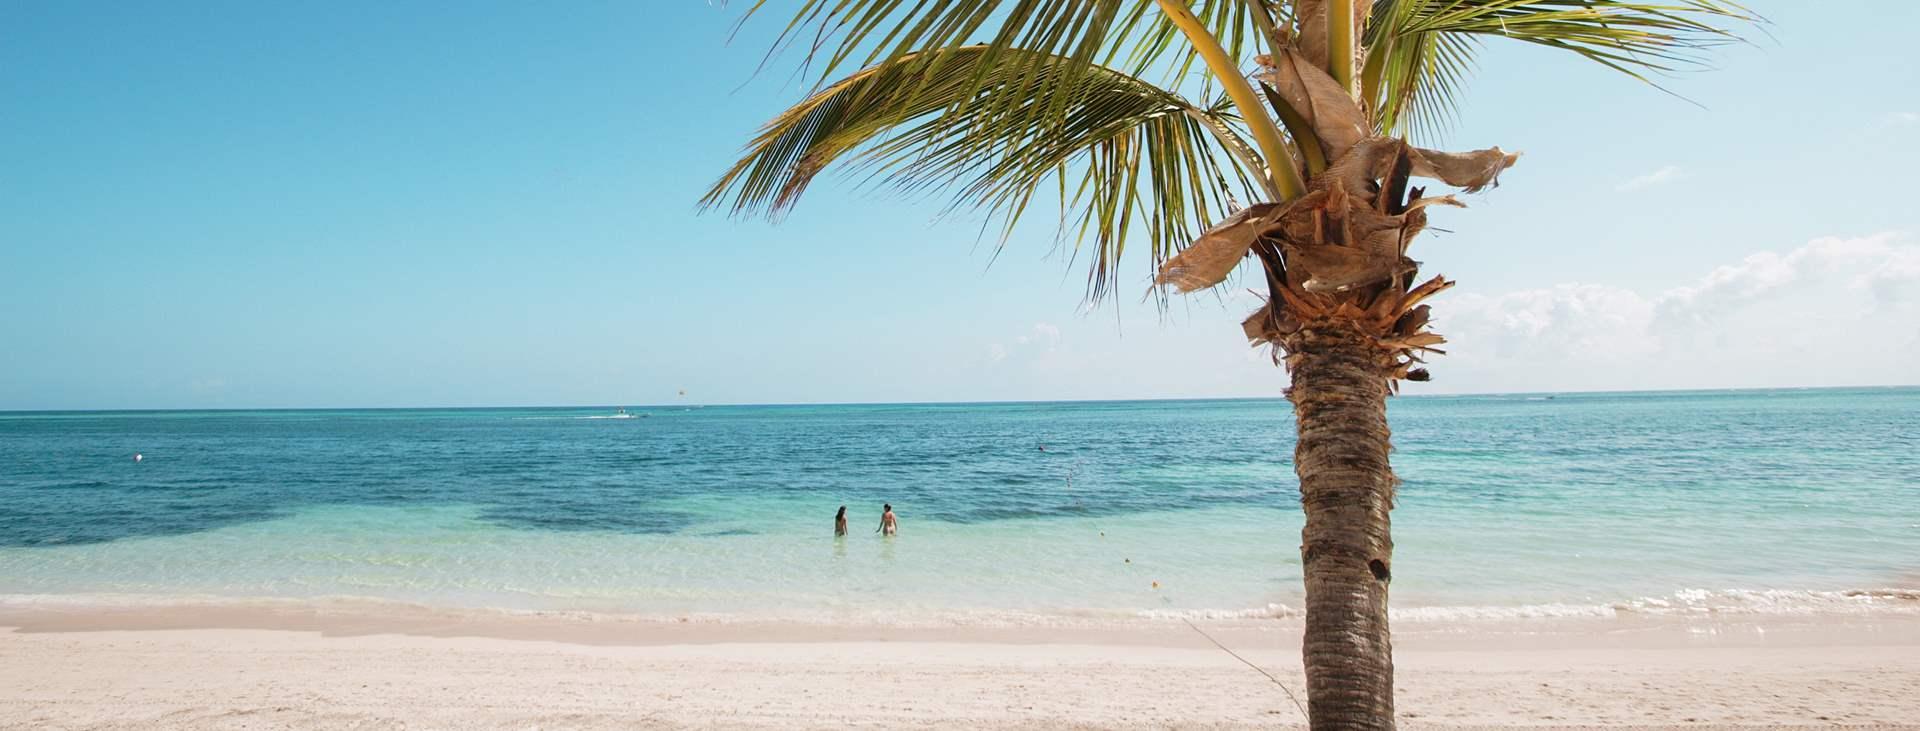 Bestill en reise til Key West i Florida – opplev USA med Ving